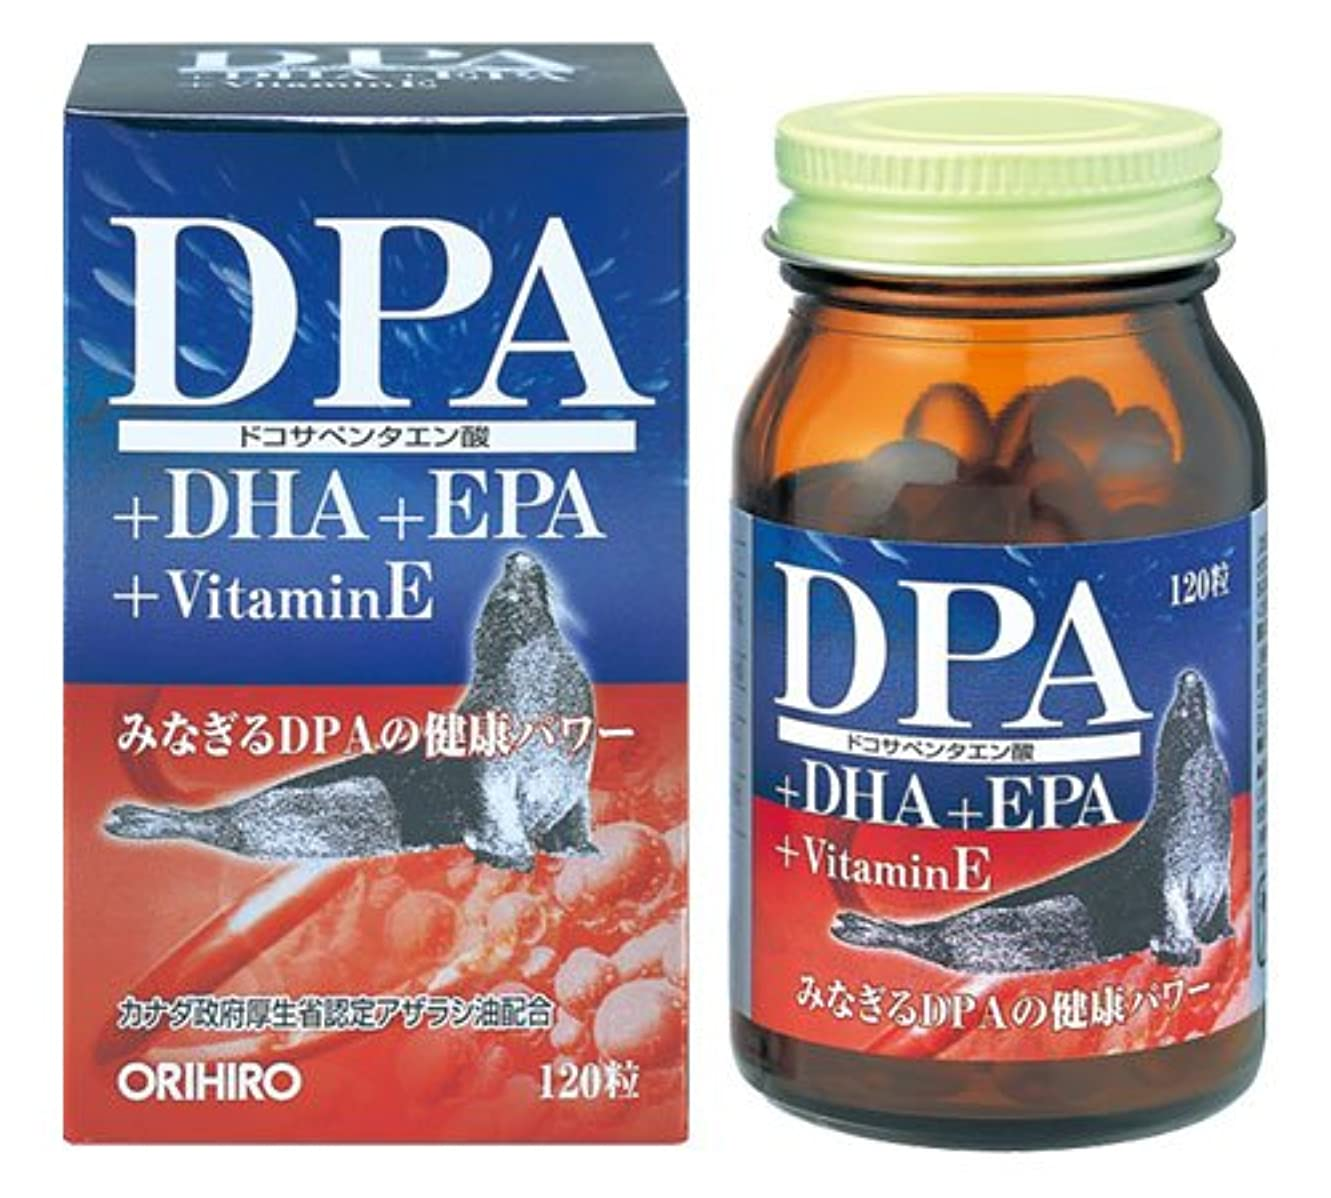 宮殿デッキ機知に富んだDPA+DHA+EPAカプセル 120粒(約1ヶ月分)